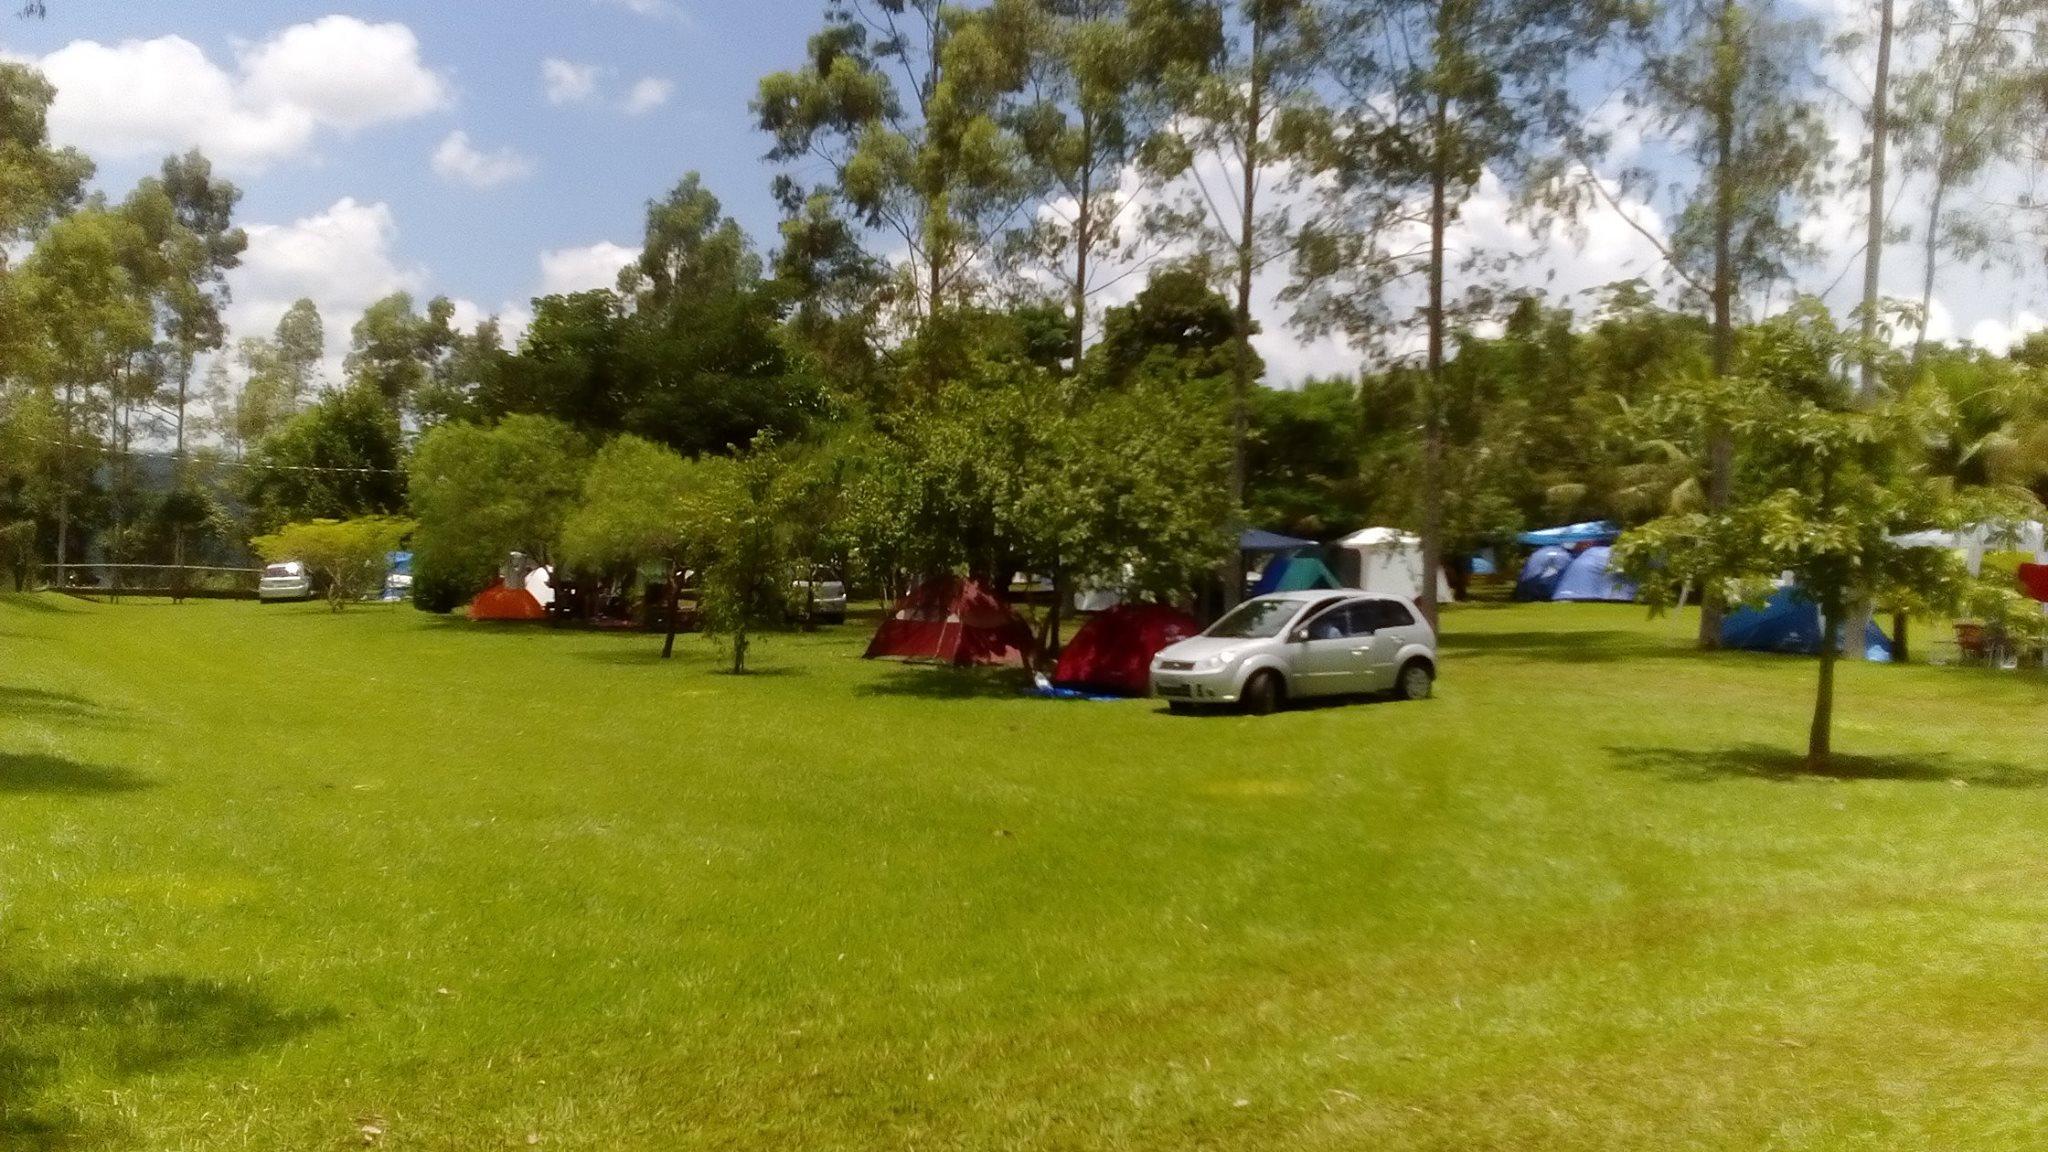 camping fazenda sakura-Brotas-SP-12